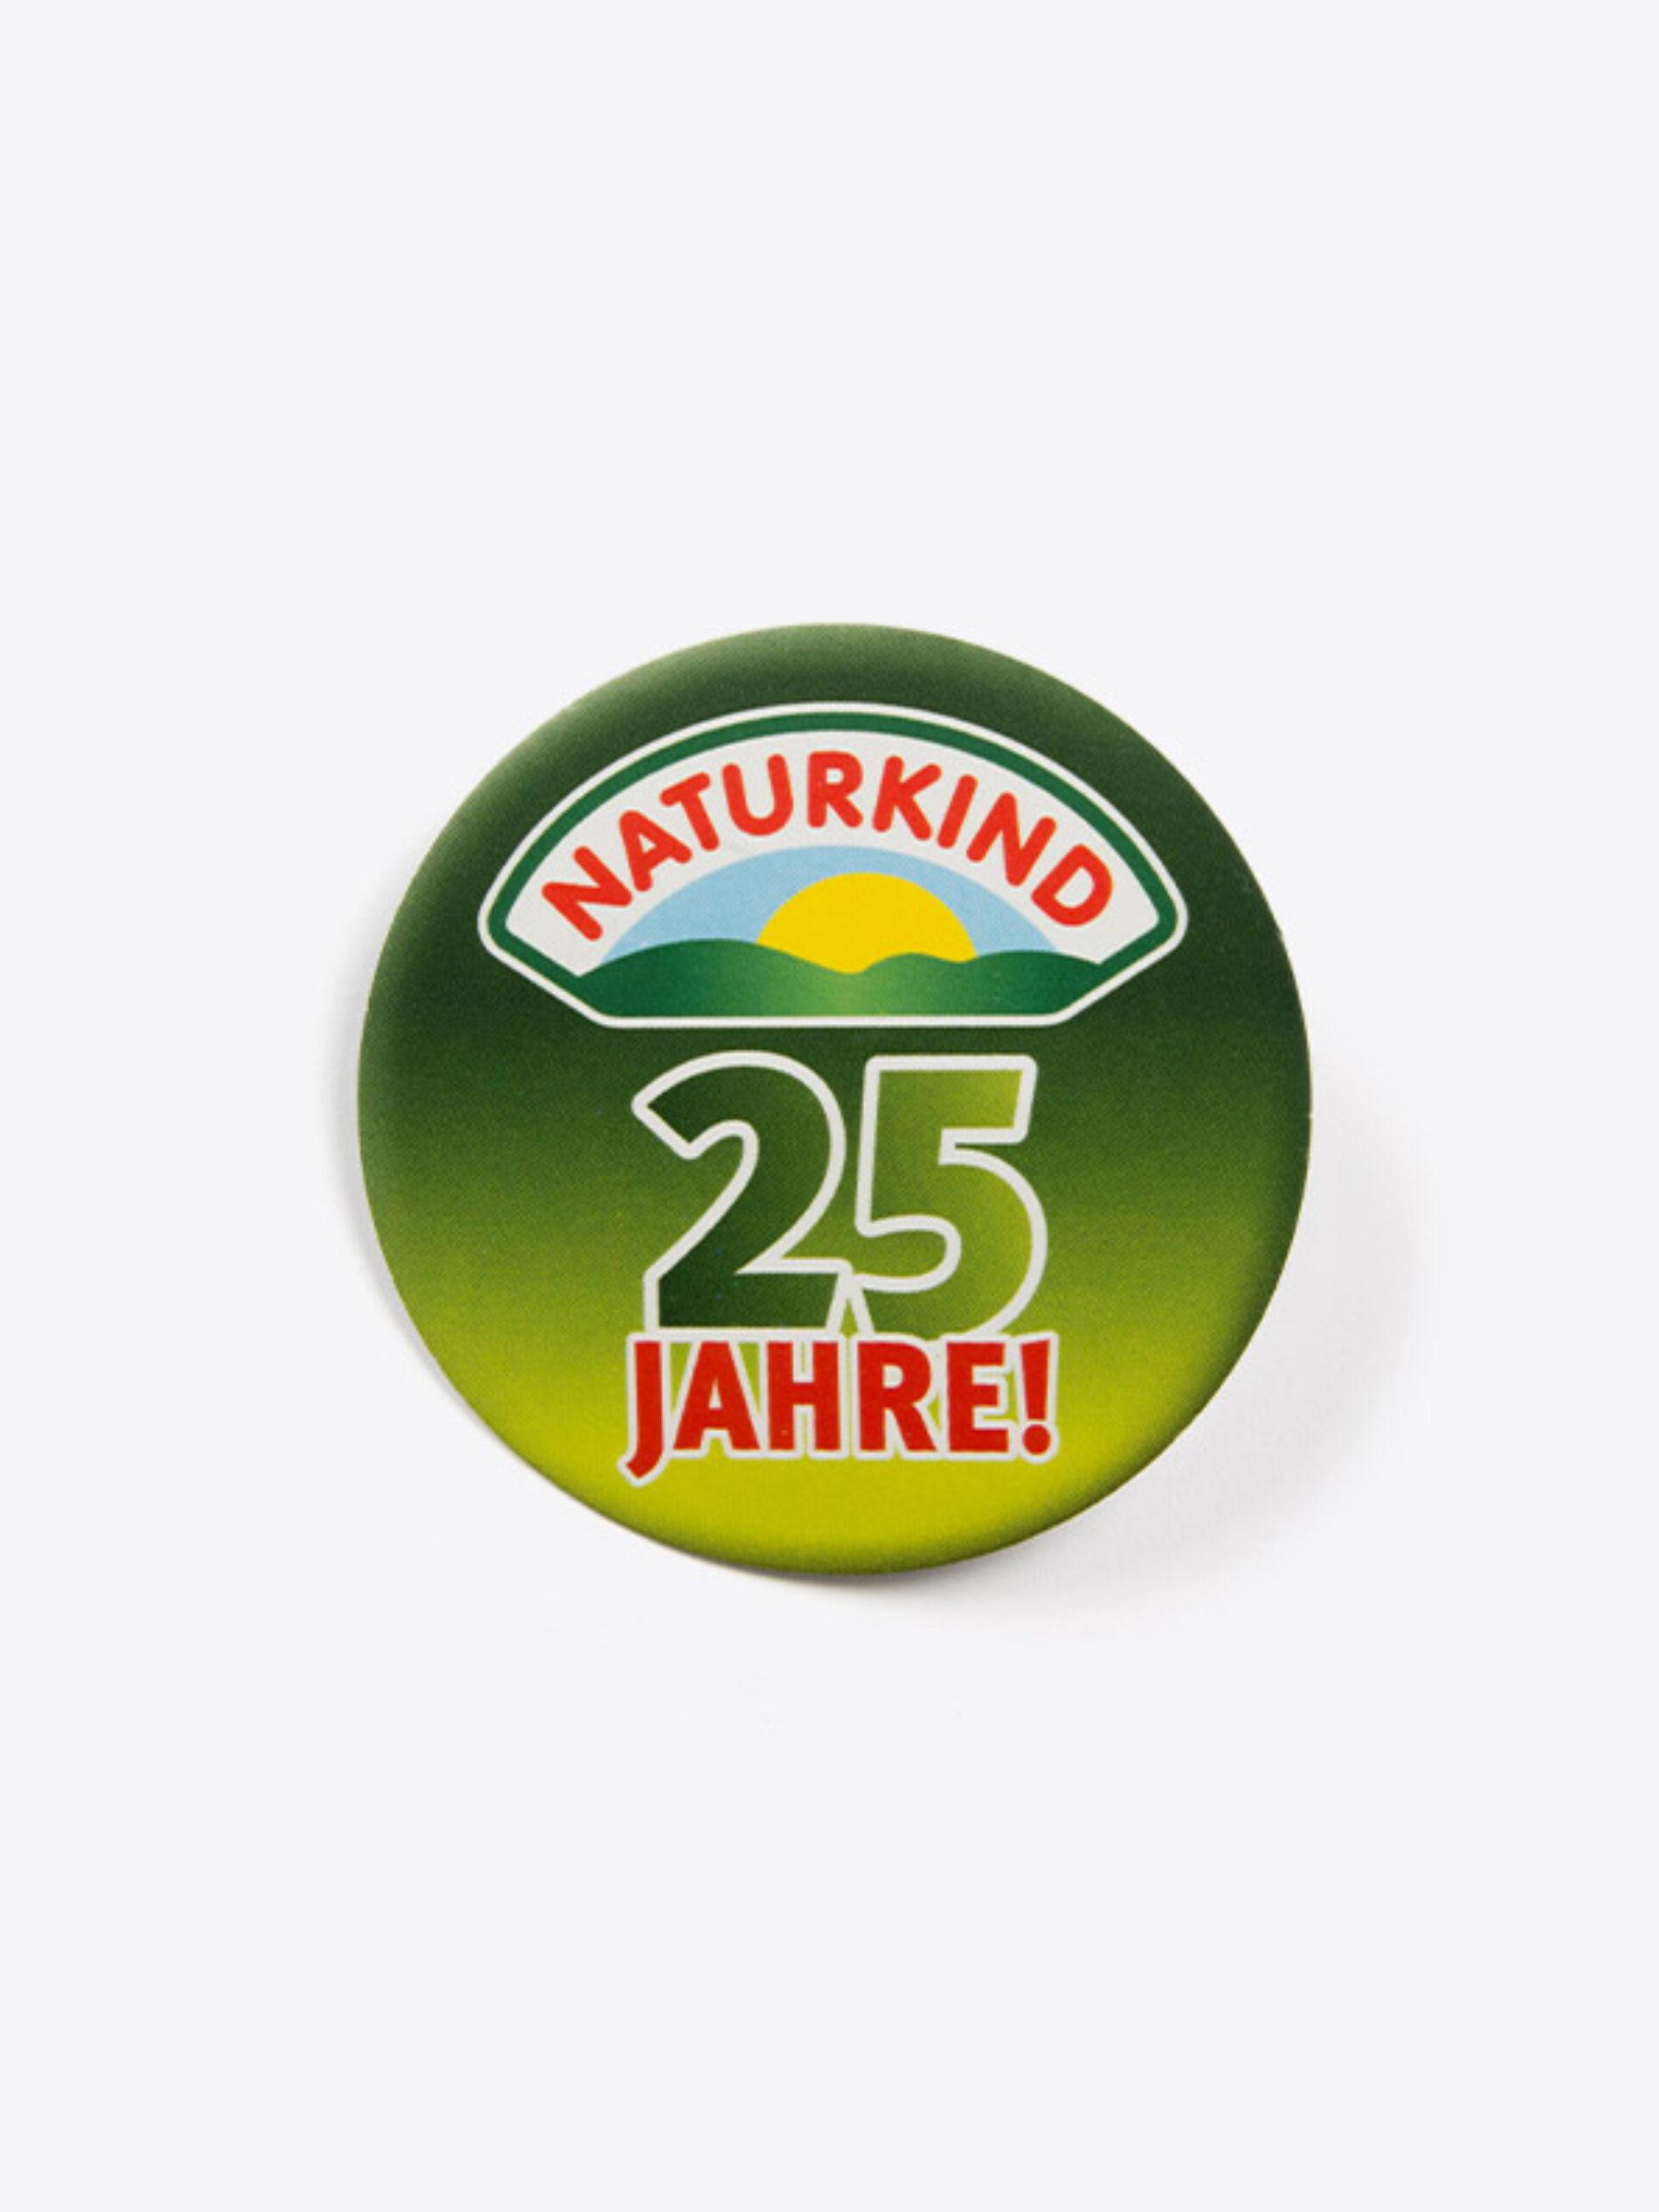 Oeko Button Im Digitaldruck Mit Logo Naturkind